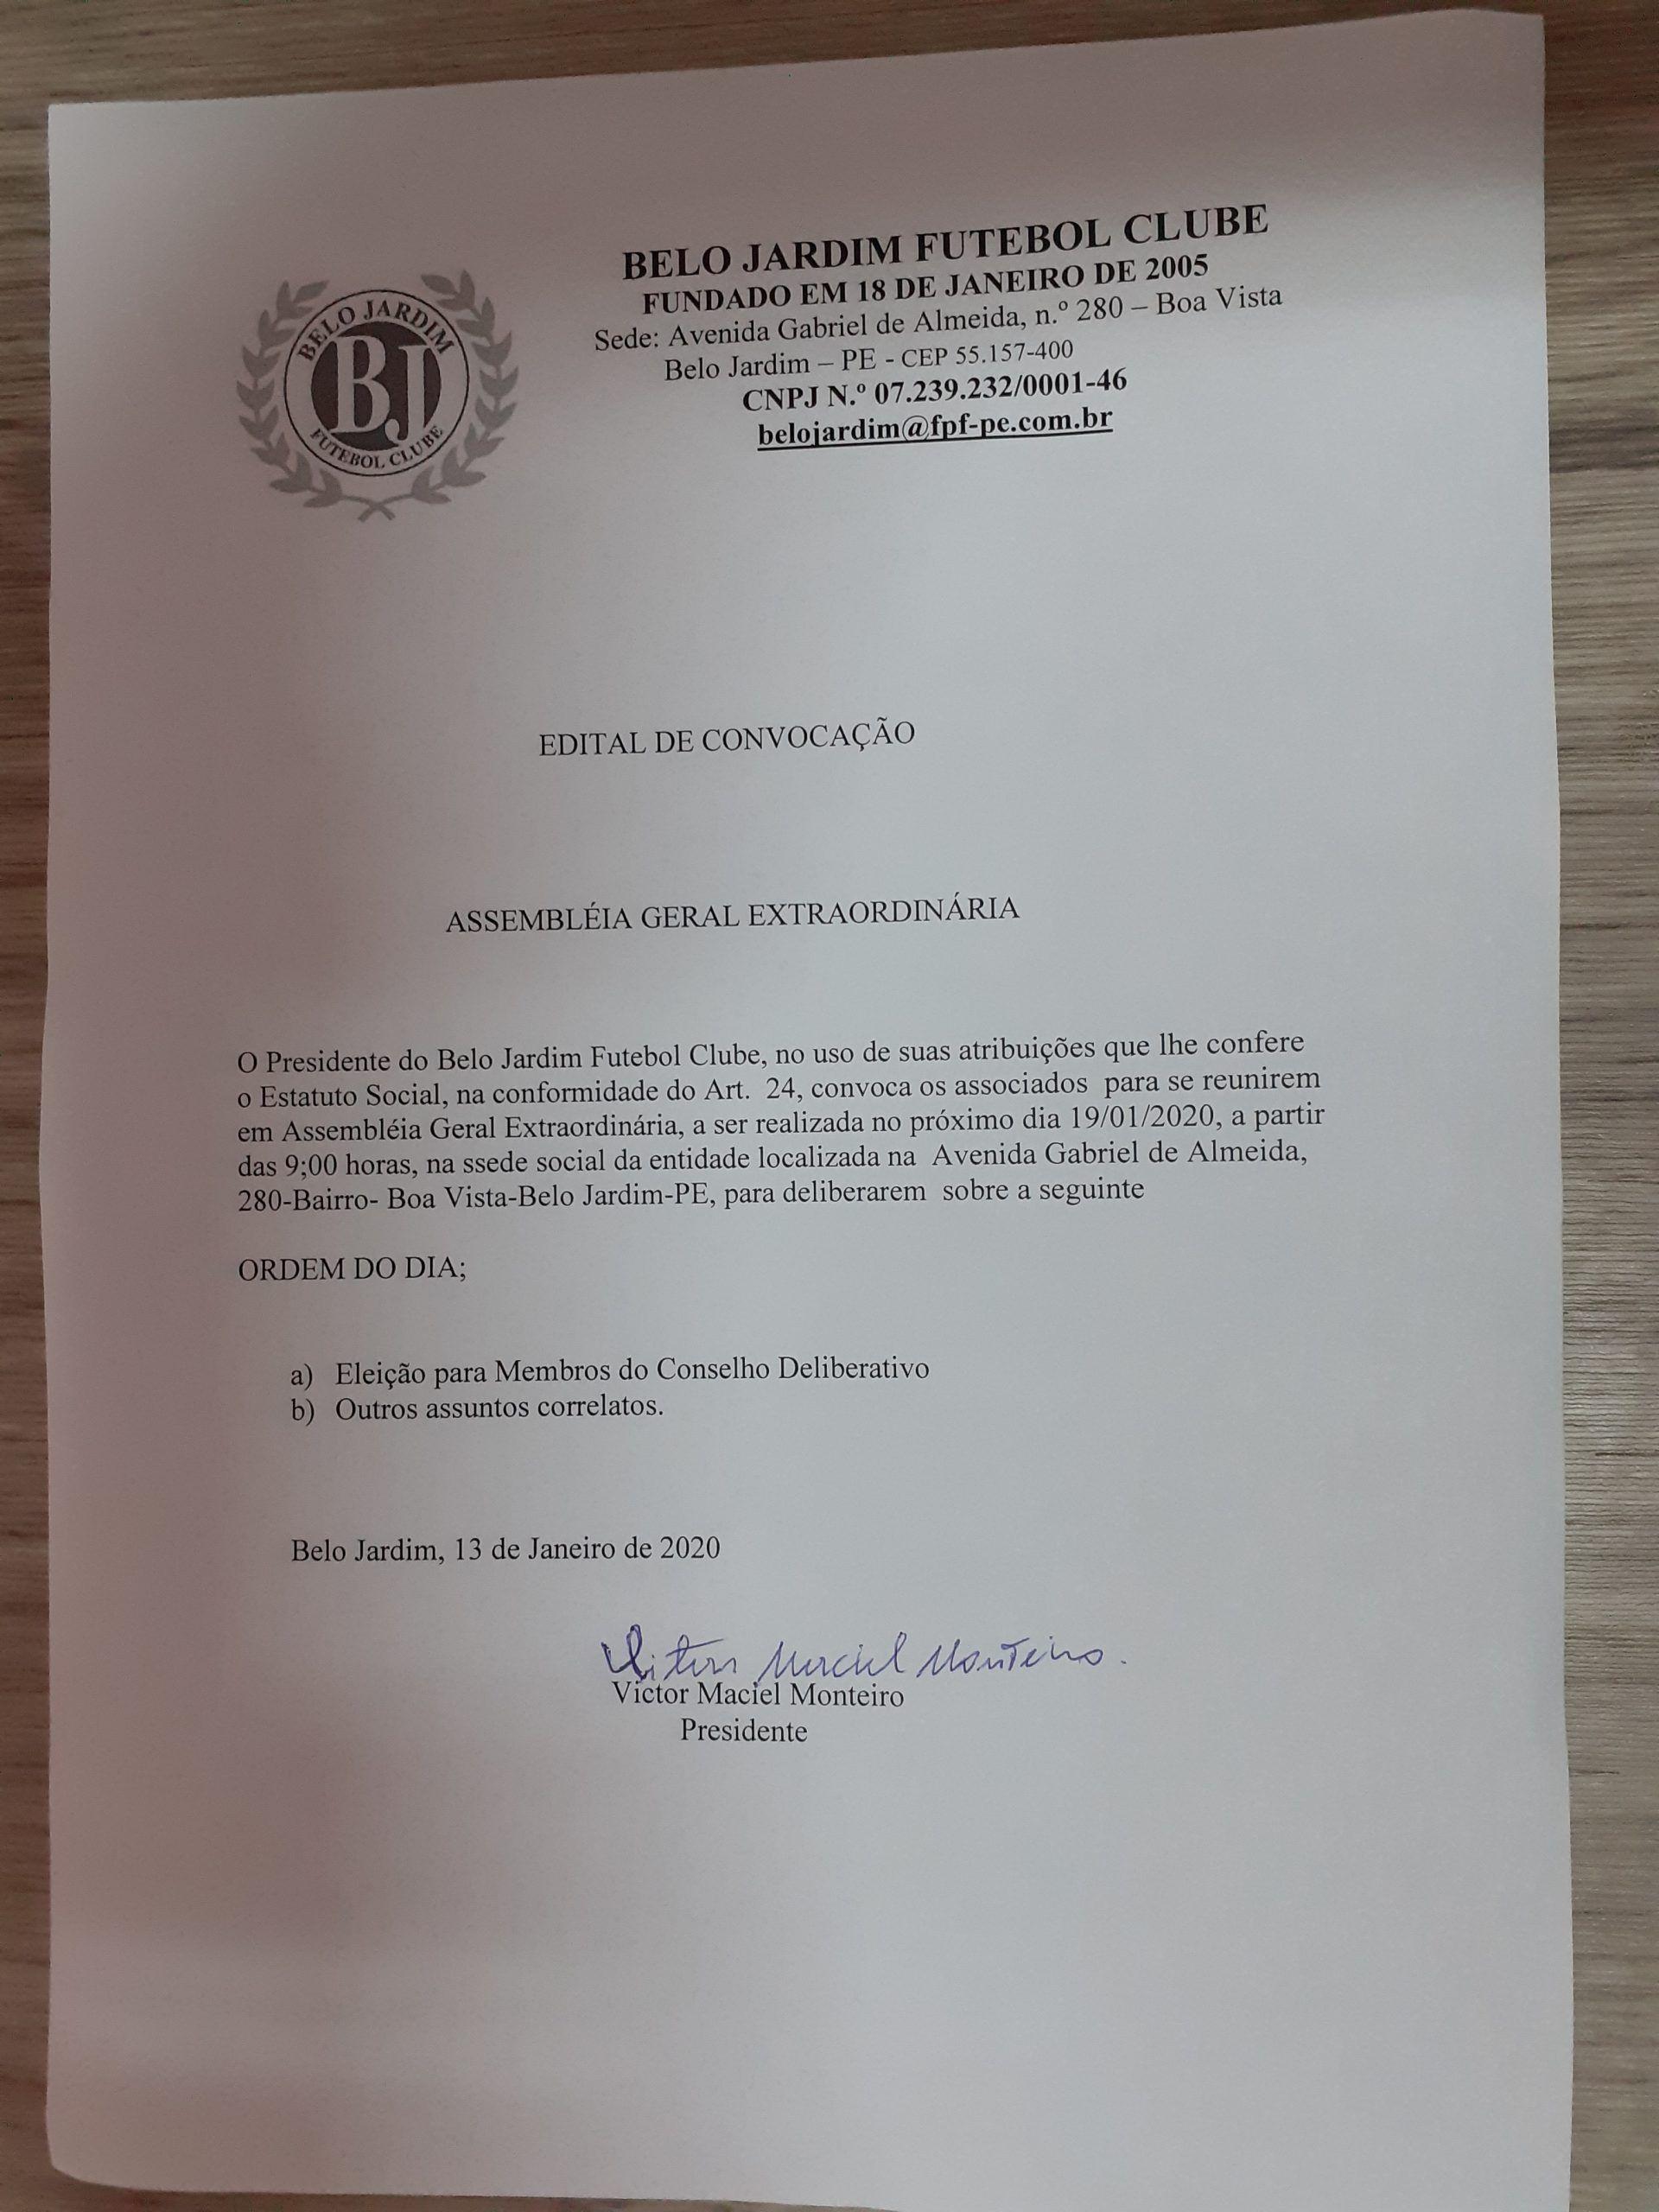 Belo Jardim Futebol Clube convoca para nova Assembléia Extraordinária